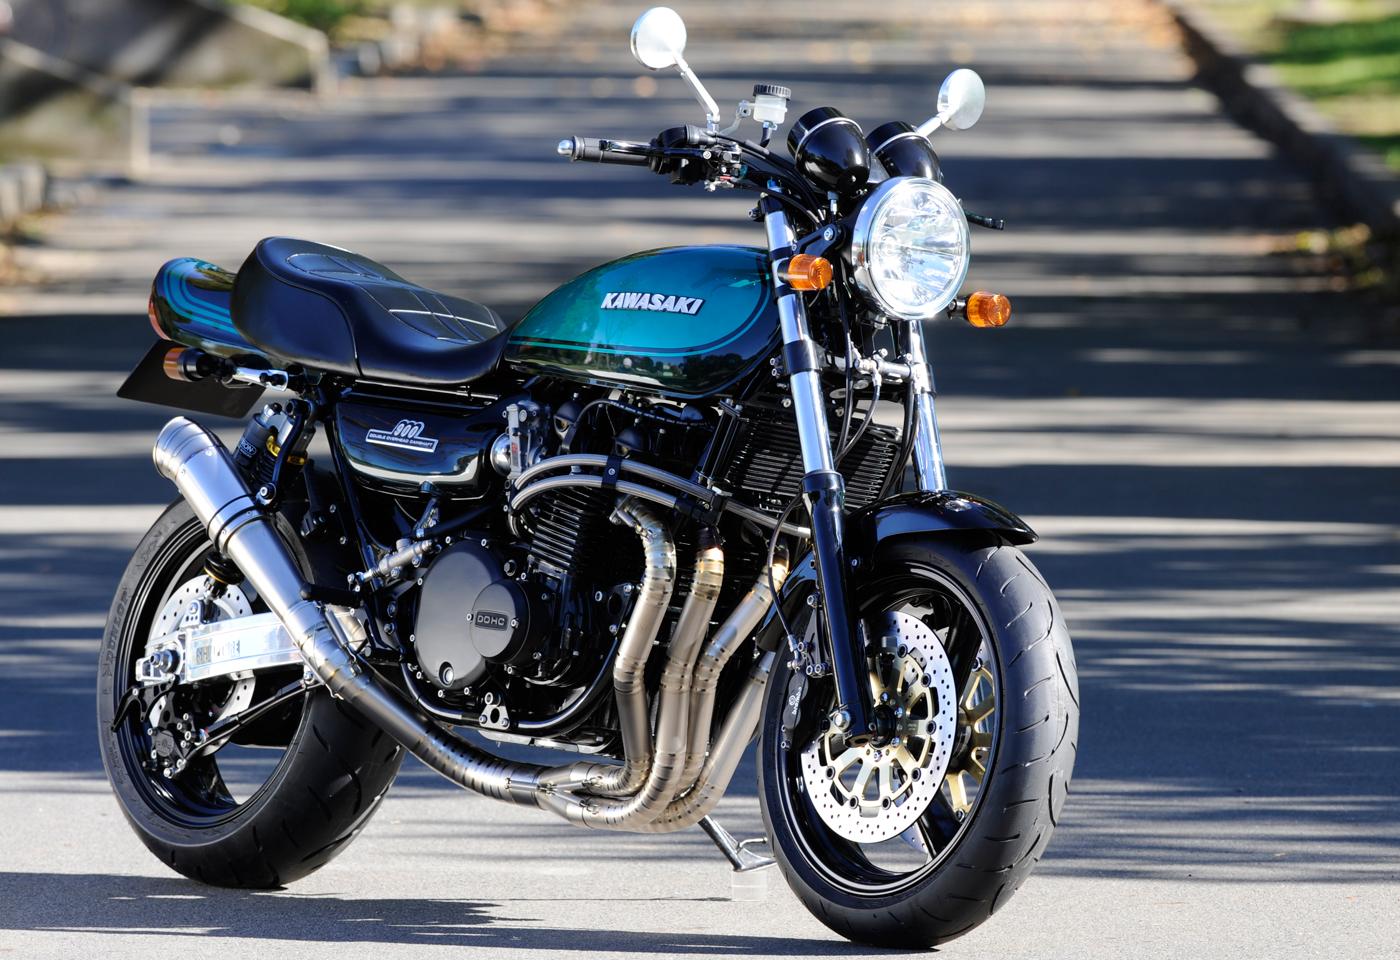 ボード「Motorcycles」のピン